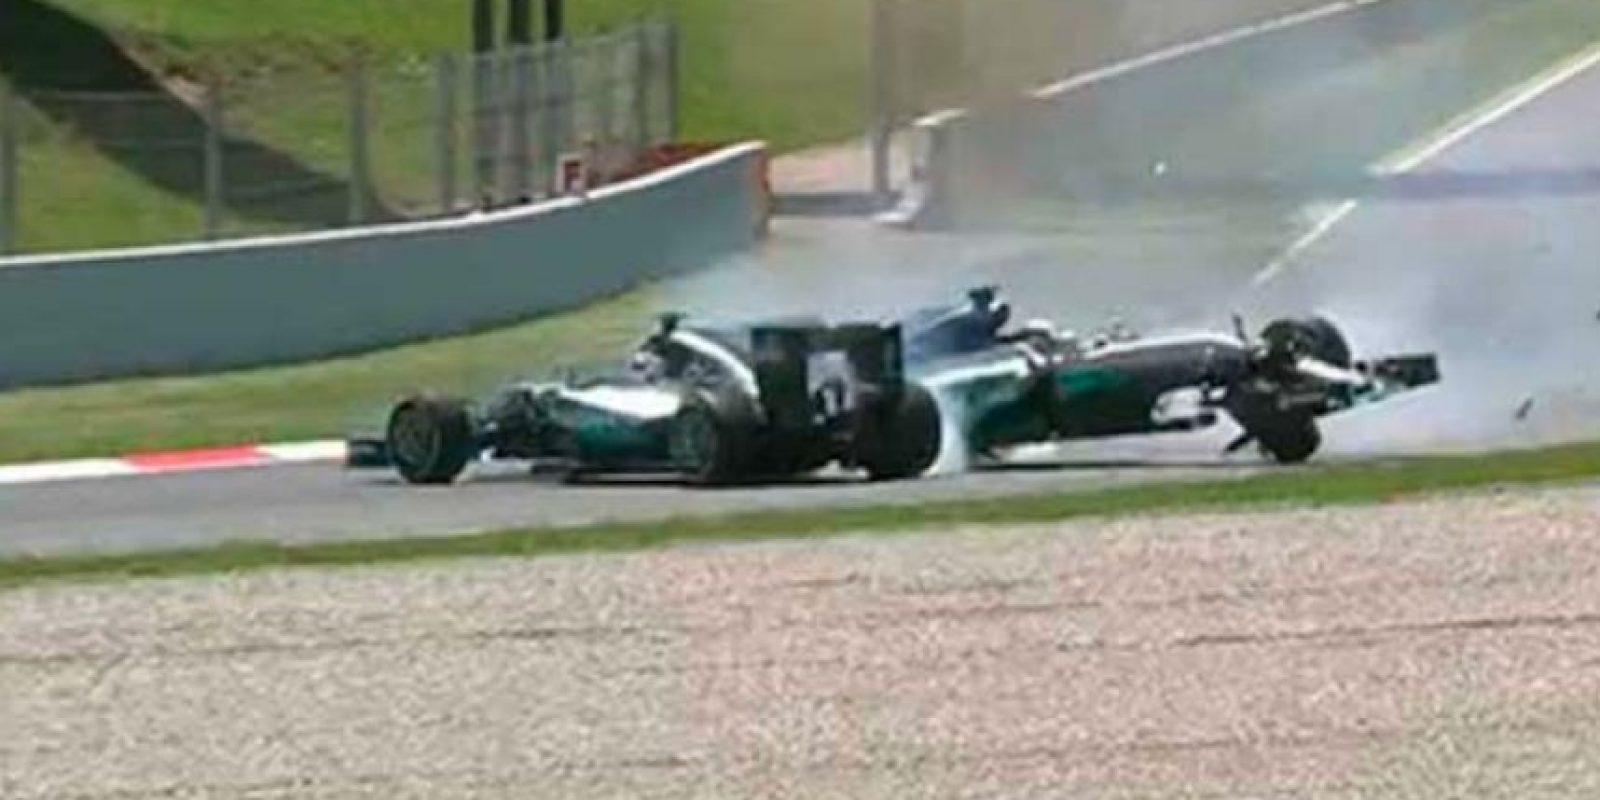 El impacto se produjo durante la primera vuelta del Gran Premio de España. Foto:Captura de pantalla